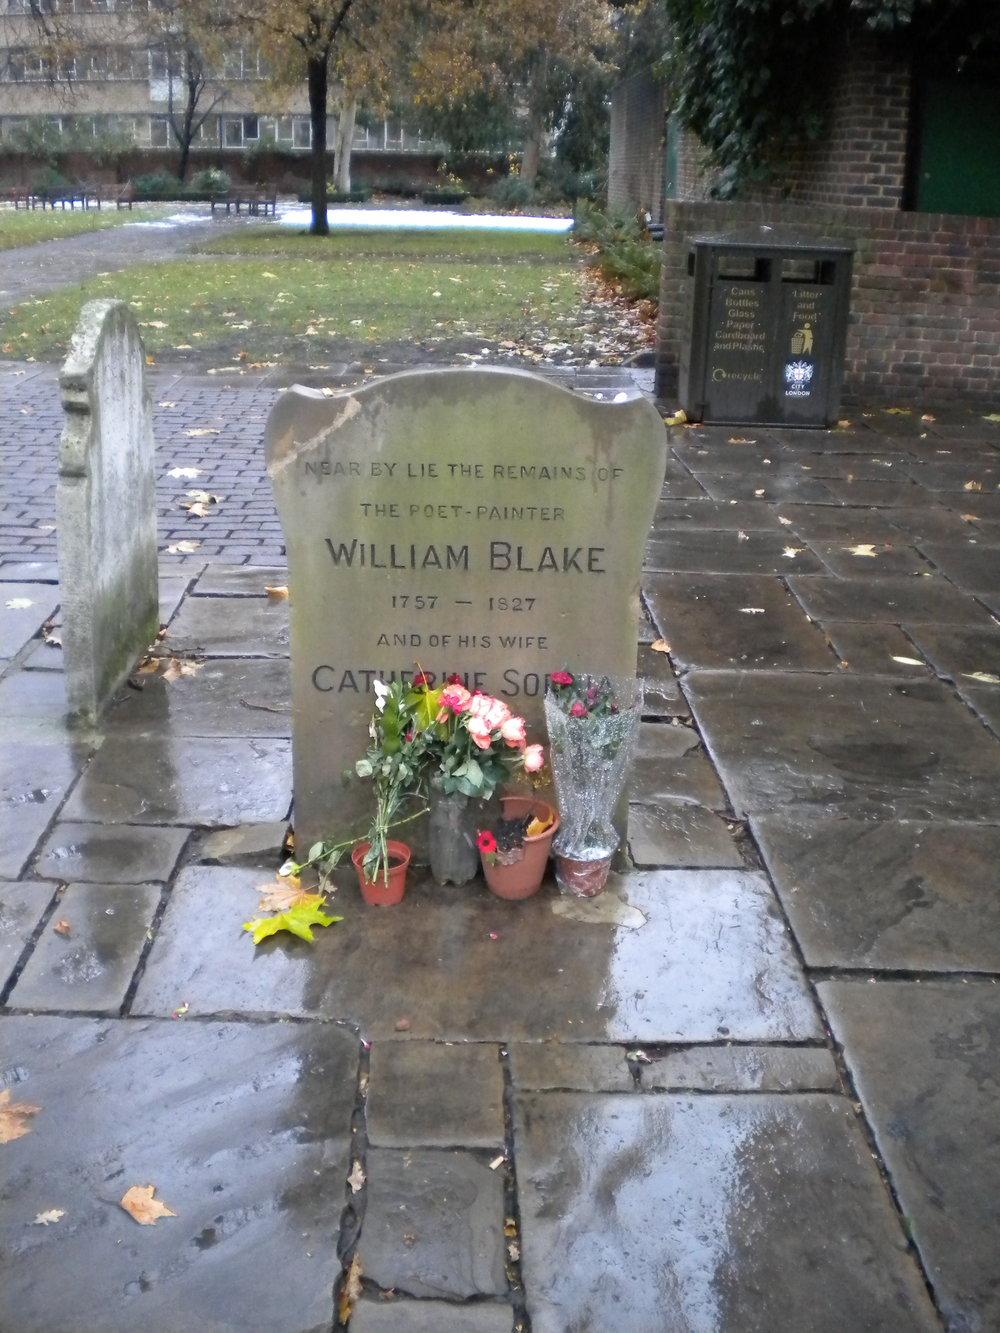 Otra instantánea de la tumba de William Blake en Bunhill Fields. Fotografía del autor